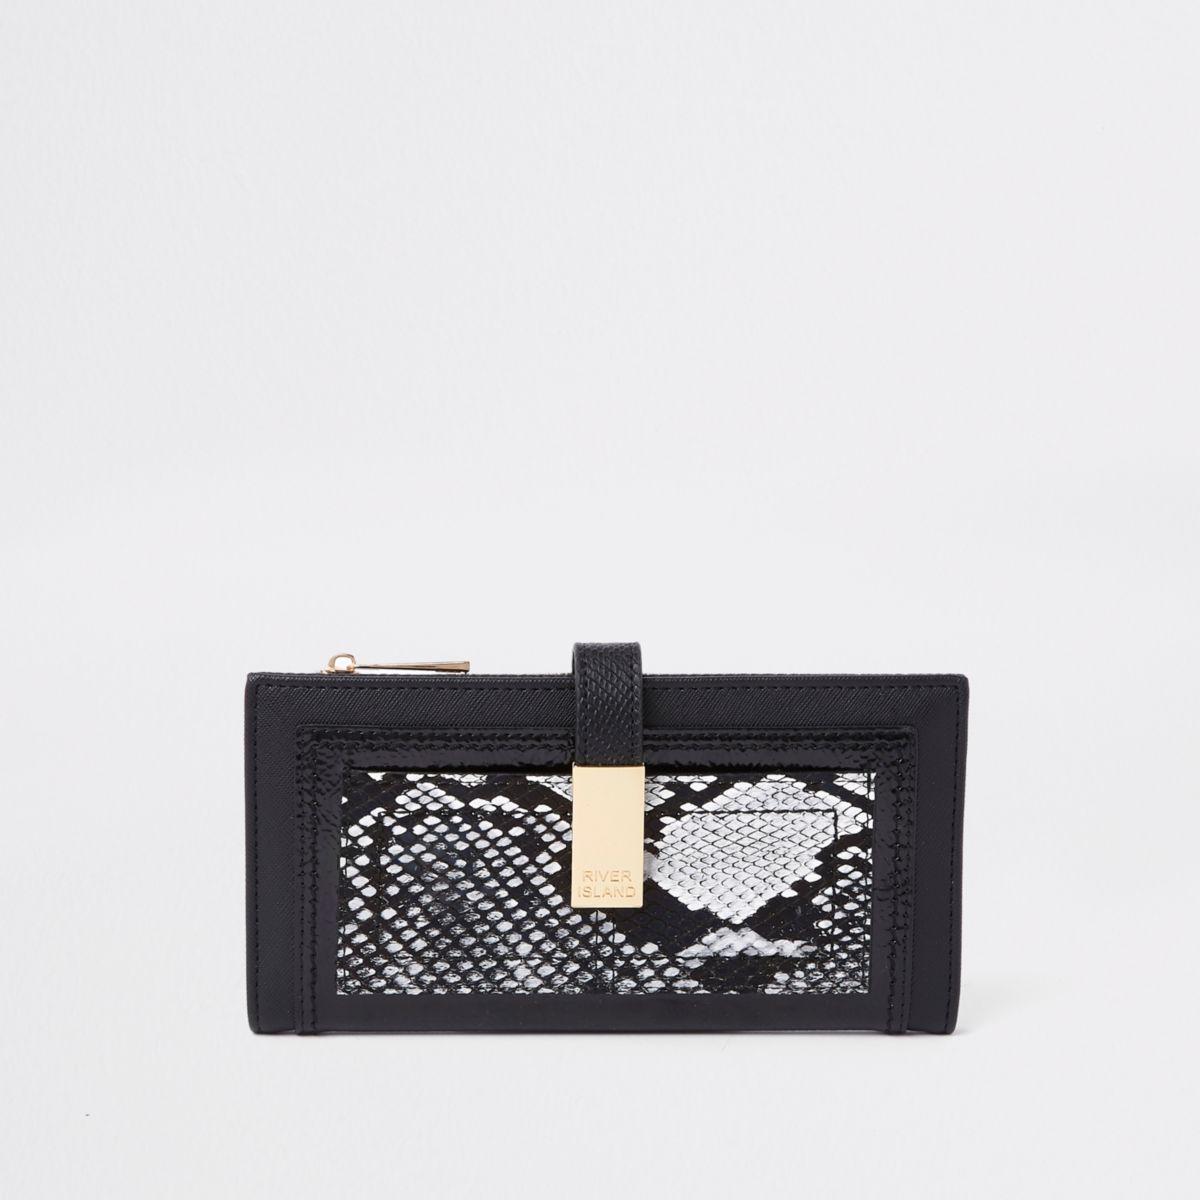 Black snake print front pocket purse